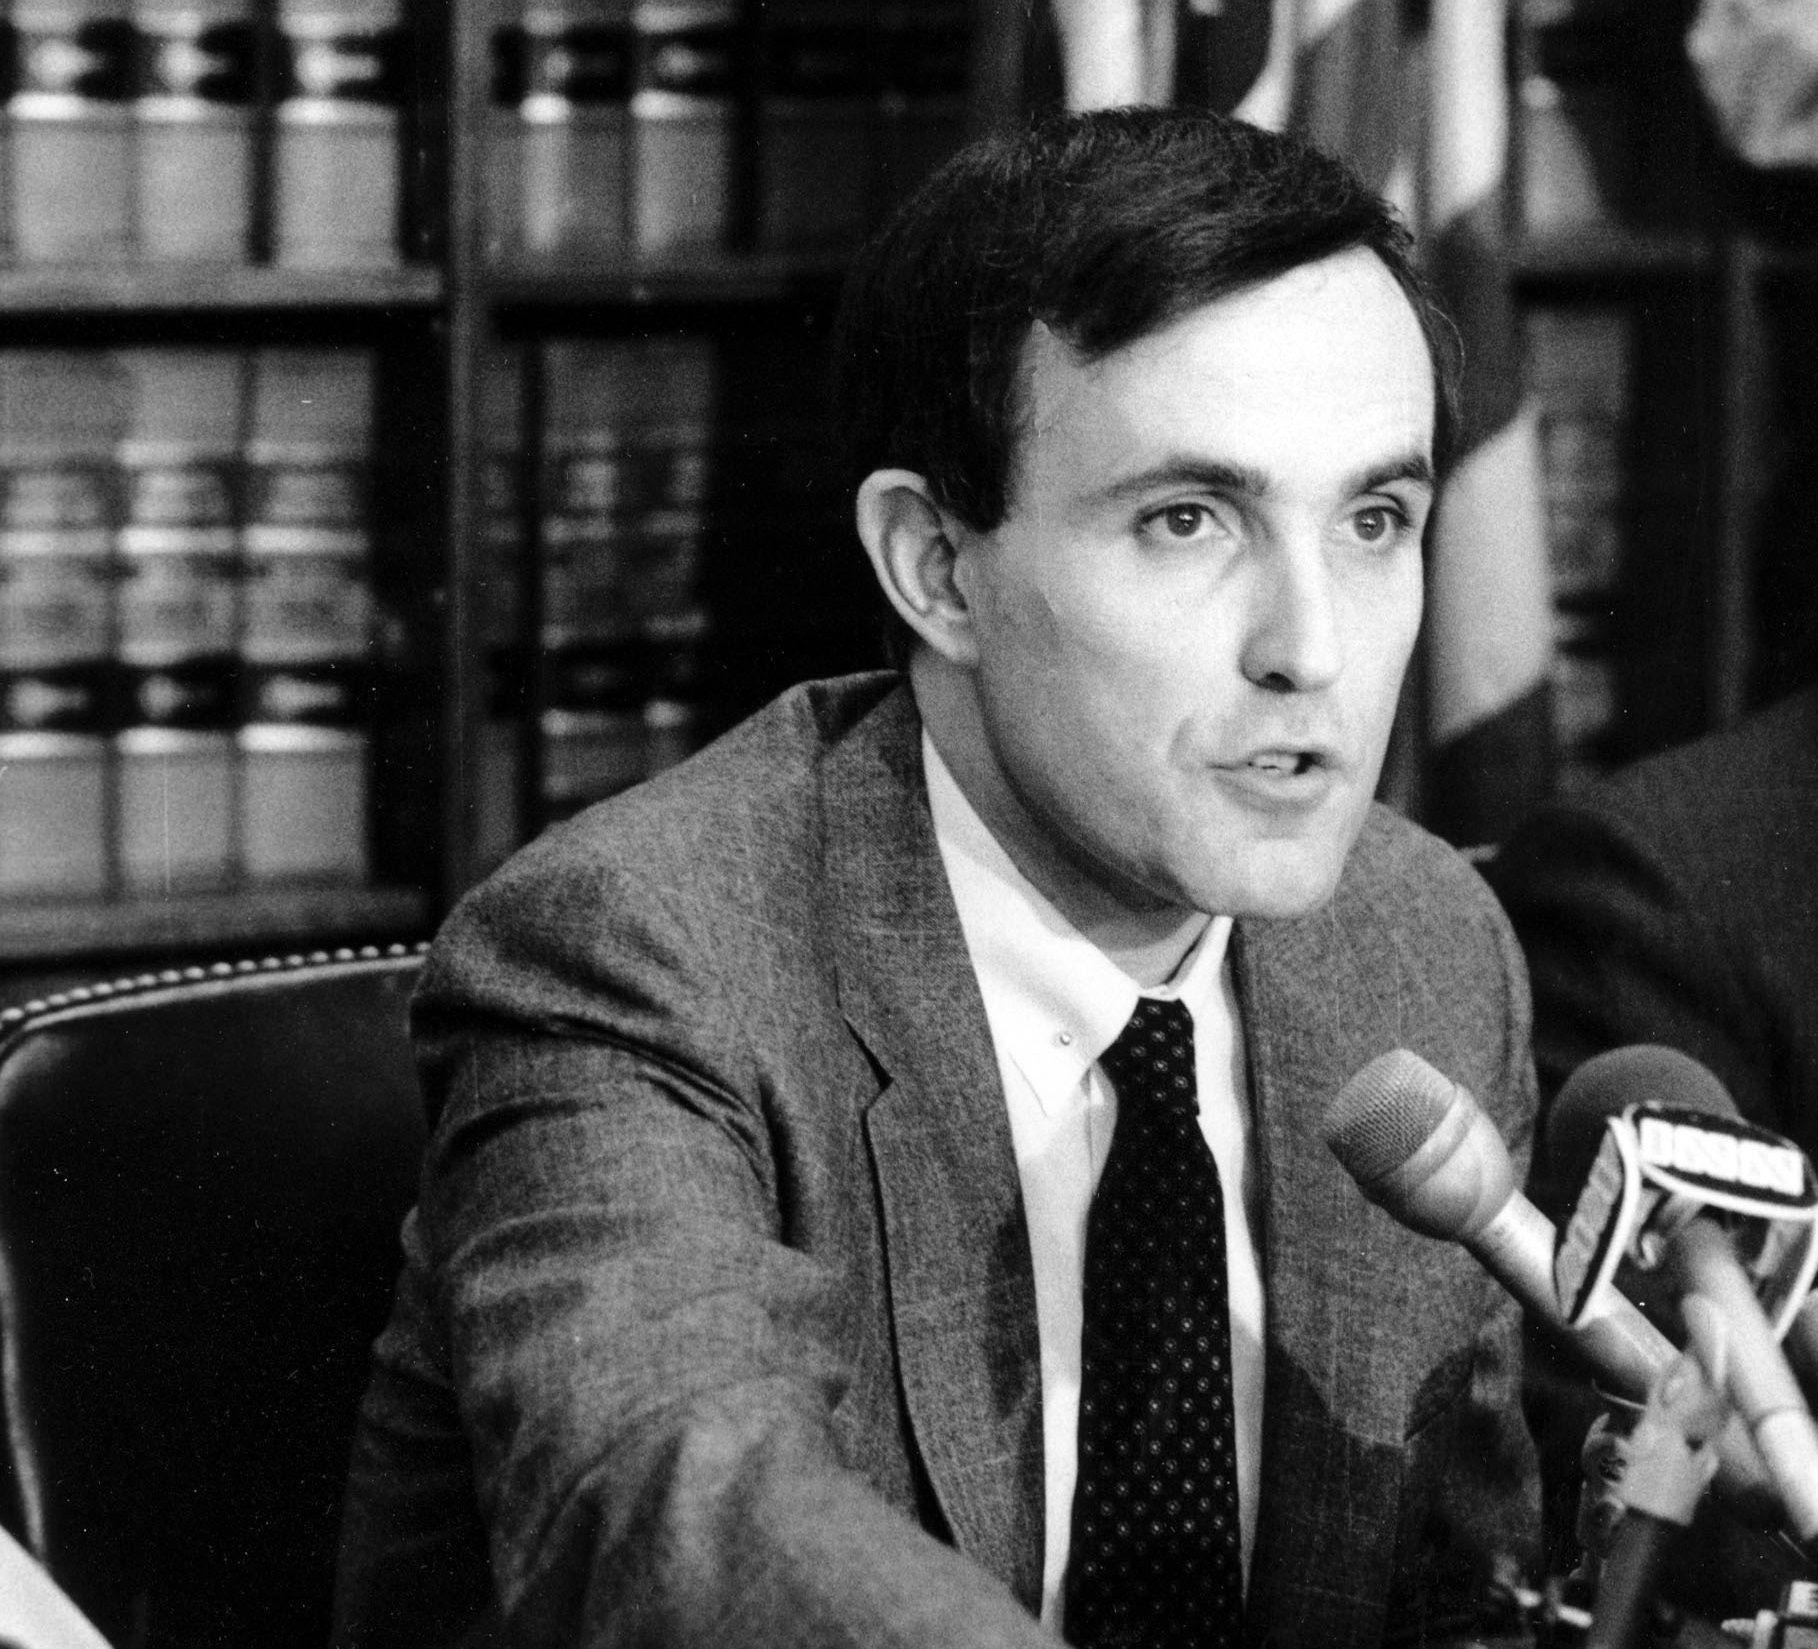 ADVOKAT: Rudy Giuliani ble først kjent som advokat på 1980-tallet. Han markerte seg med saker mot hvitsnippforbrytere og organiserte kriminelle.